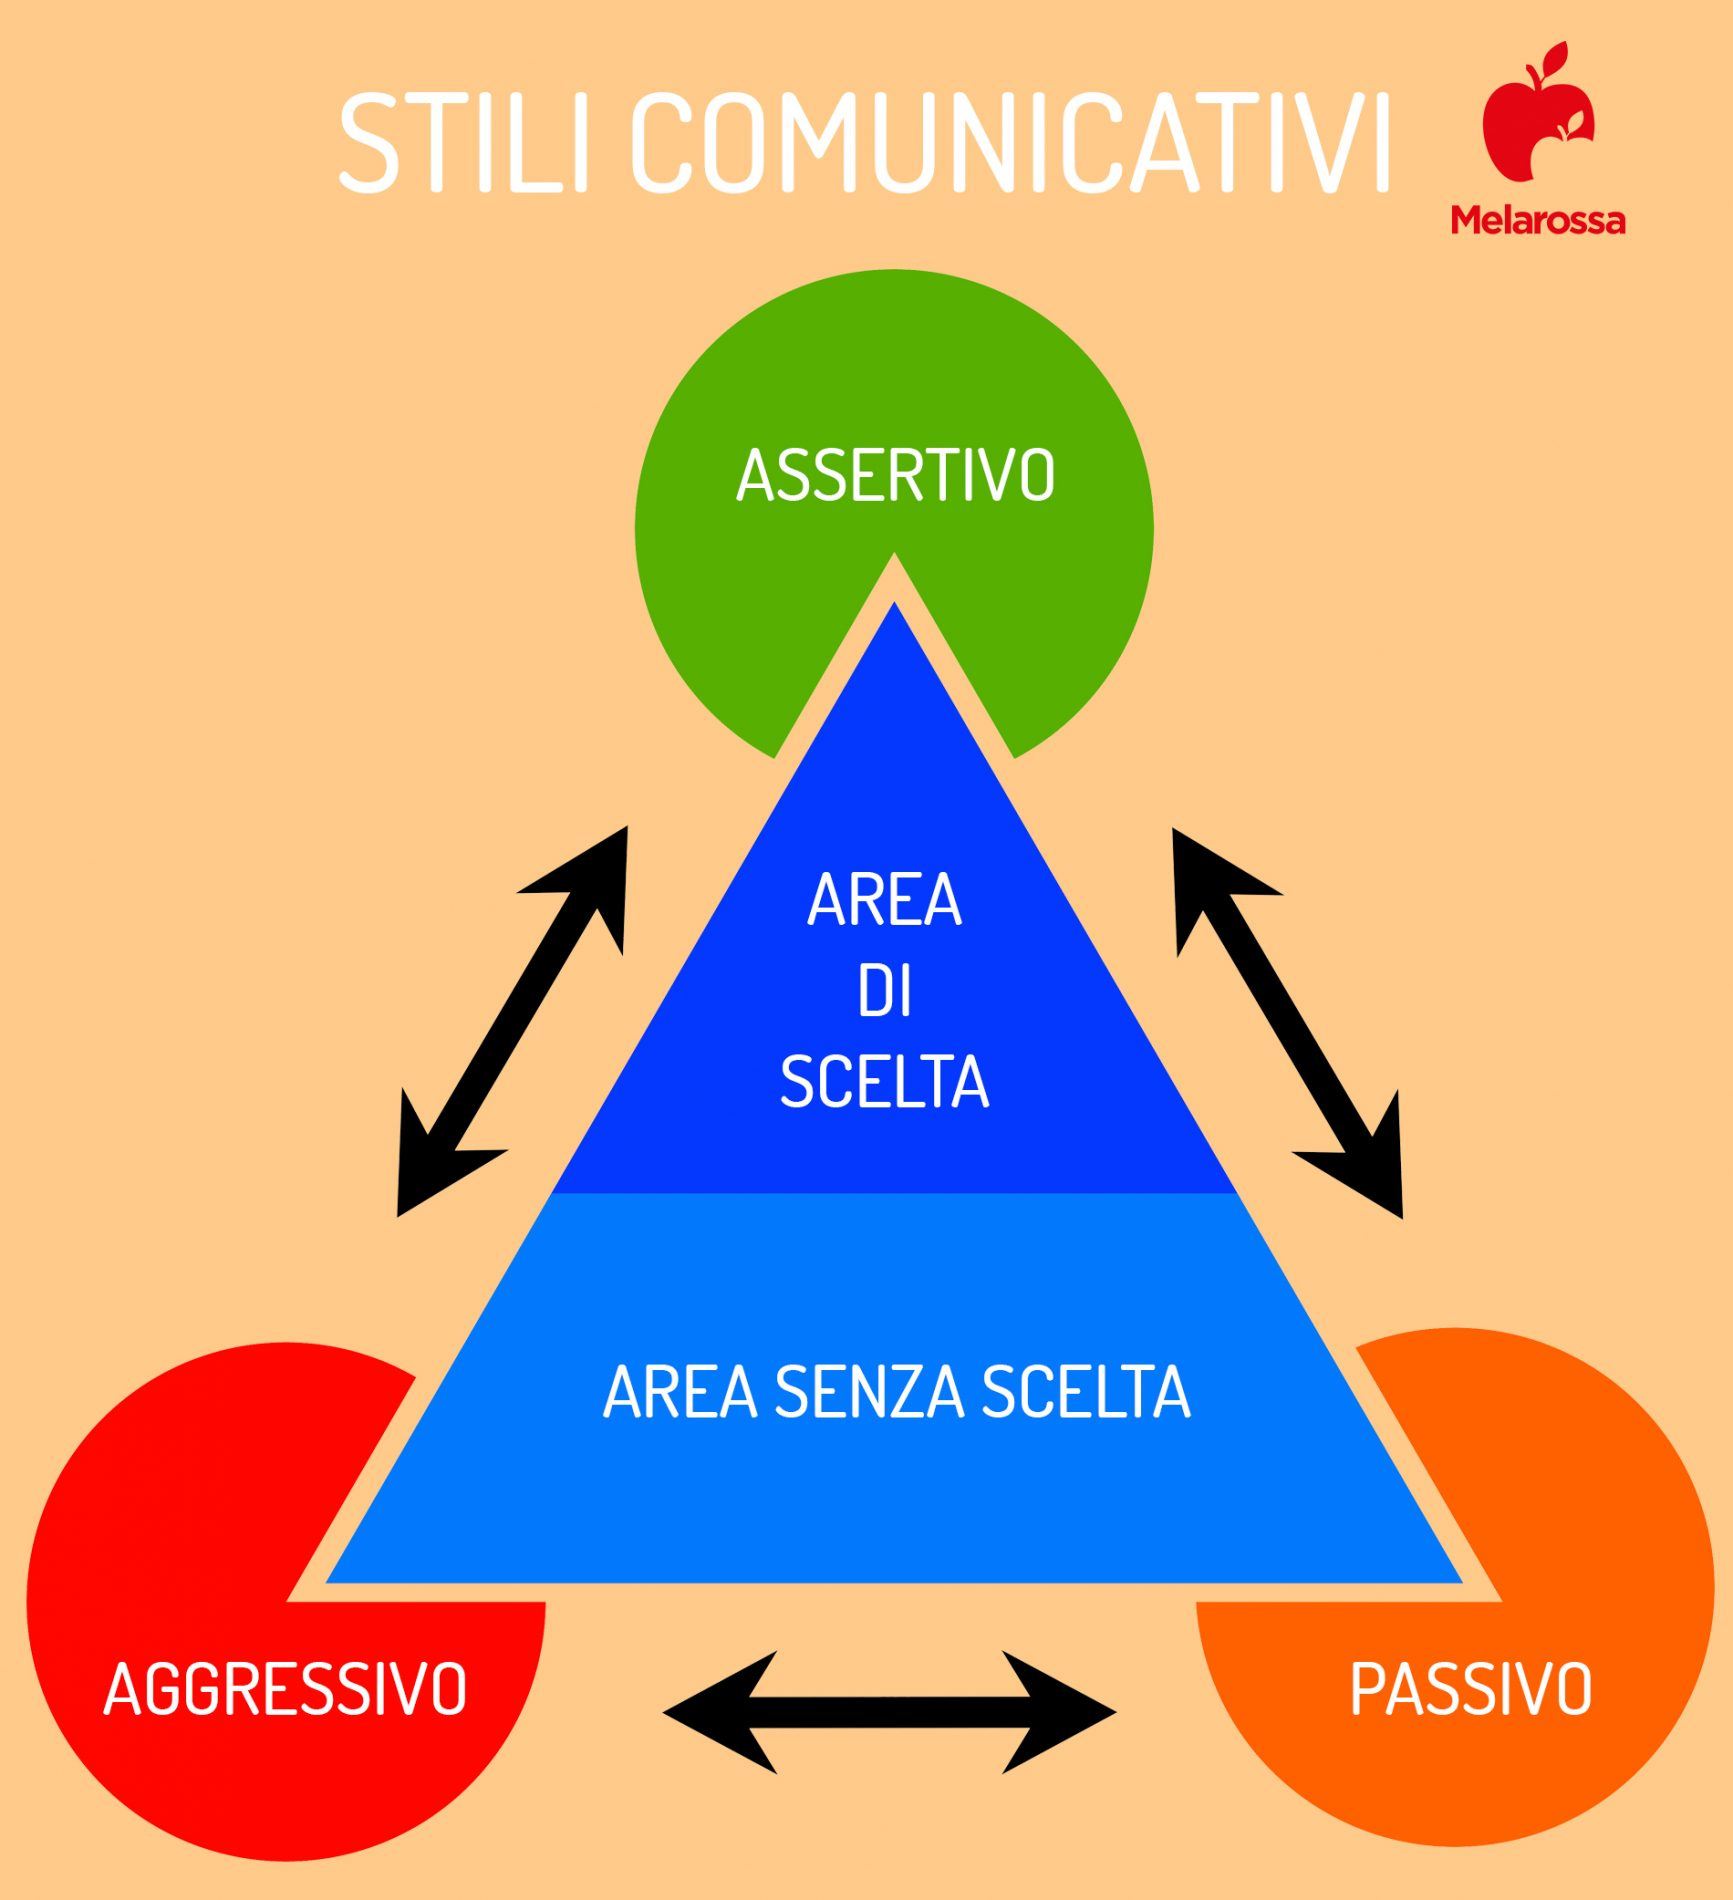 assertività: stili comunicativi passivi e aggressivi come si comportano